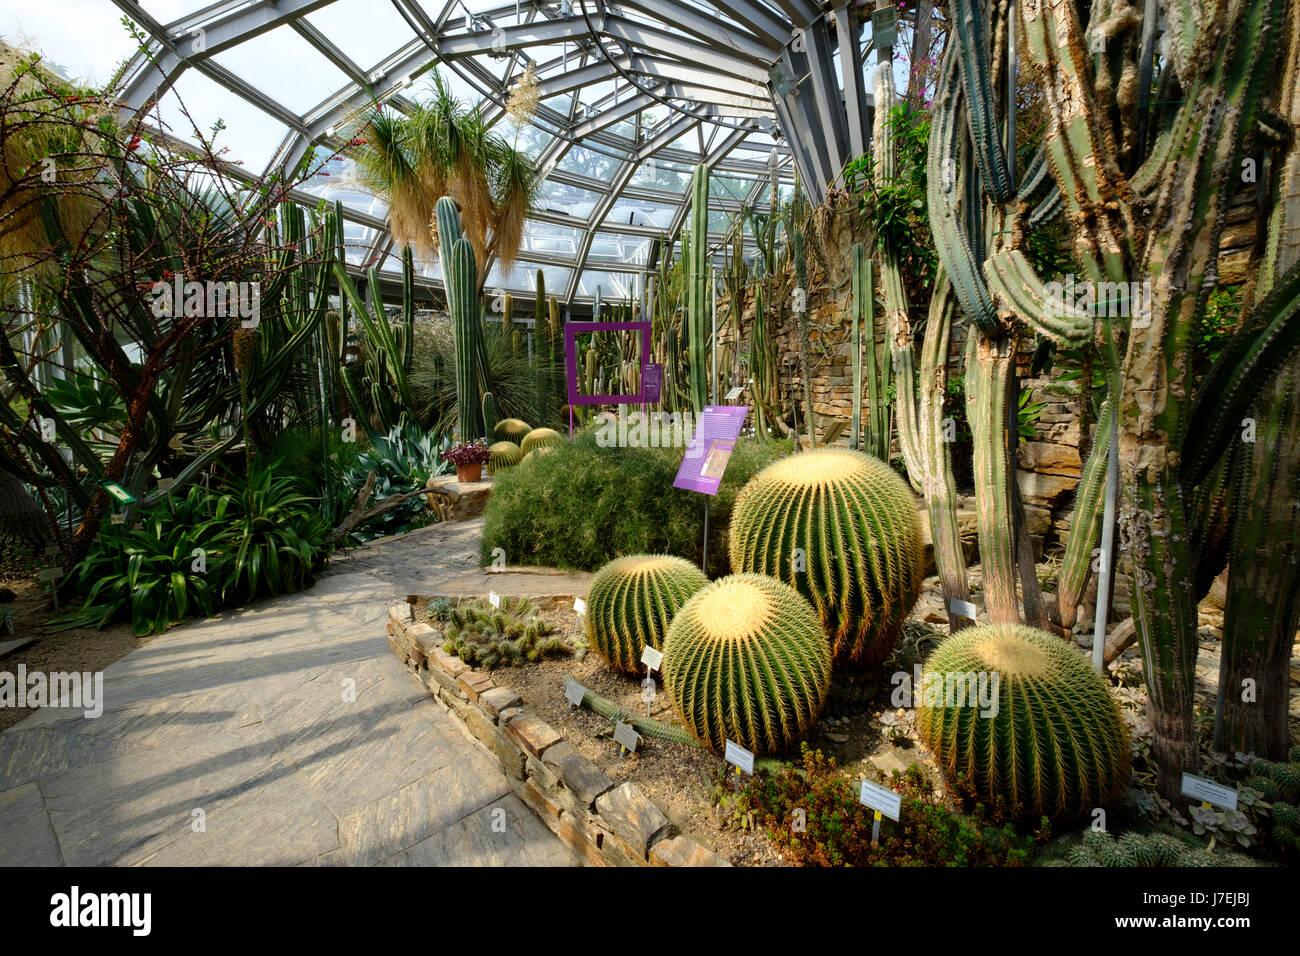 Kaktus Anzeige Im Gewachshaus Im Berliner Botanischen Garten In